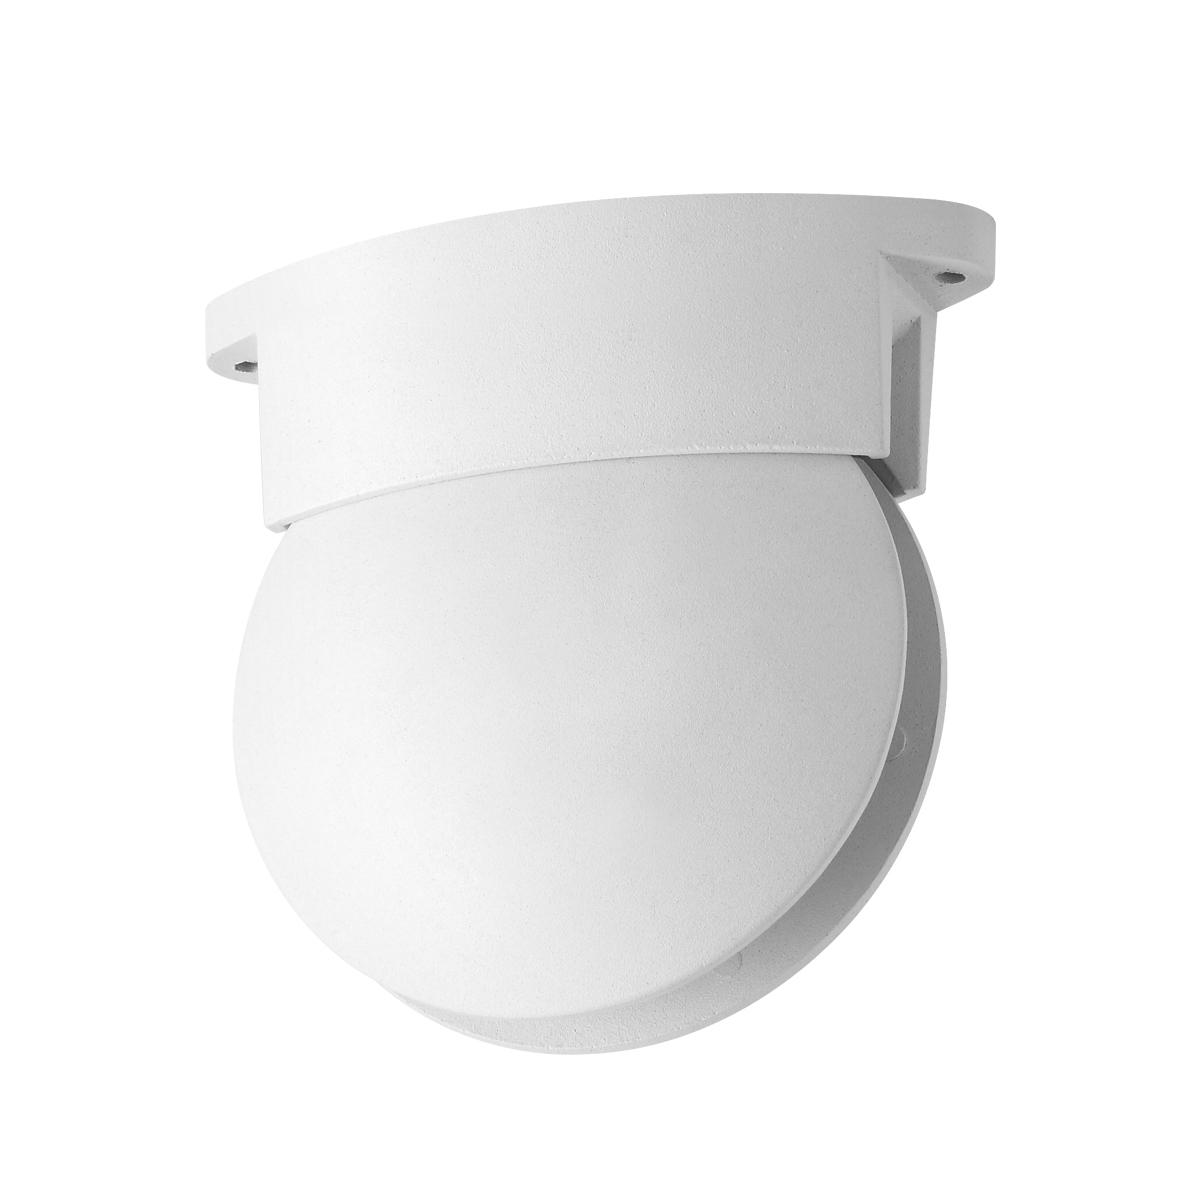 Настенный светодиодный светильник с пультом ДУ Odeon Light Arrow 3916/9CL, IP65, 4000K/RGB (дневной) - фото 3